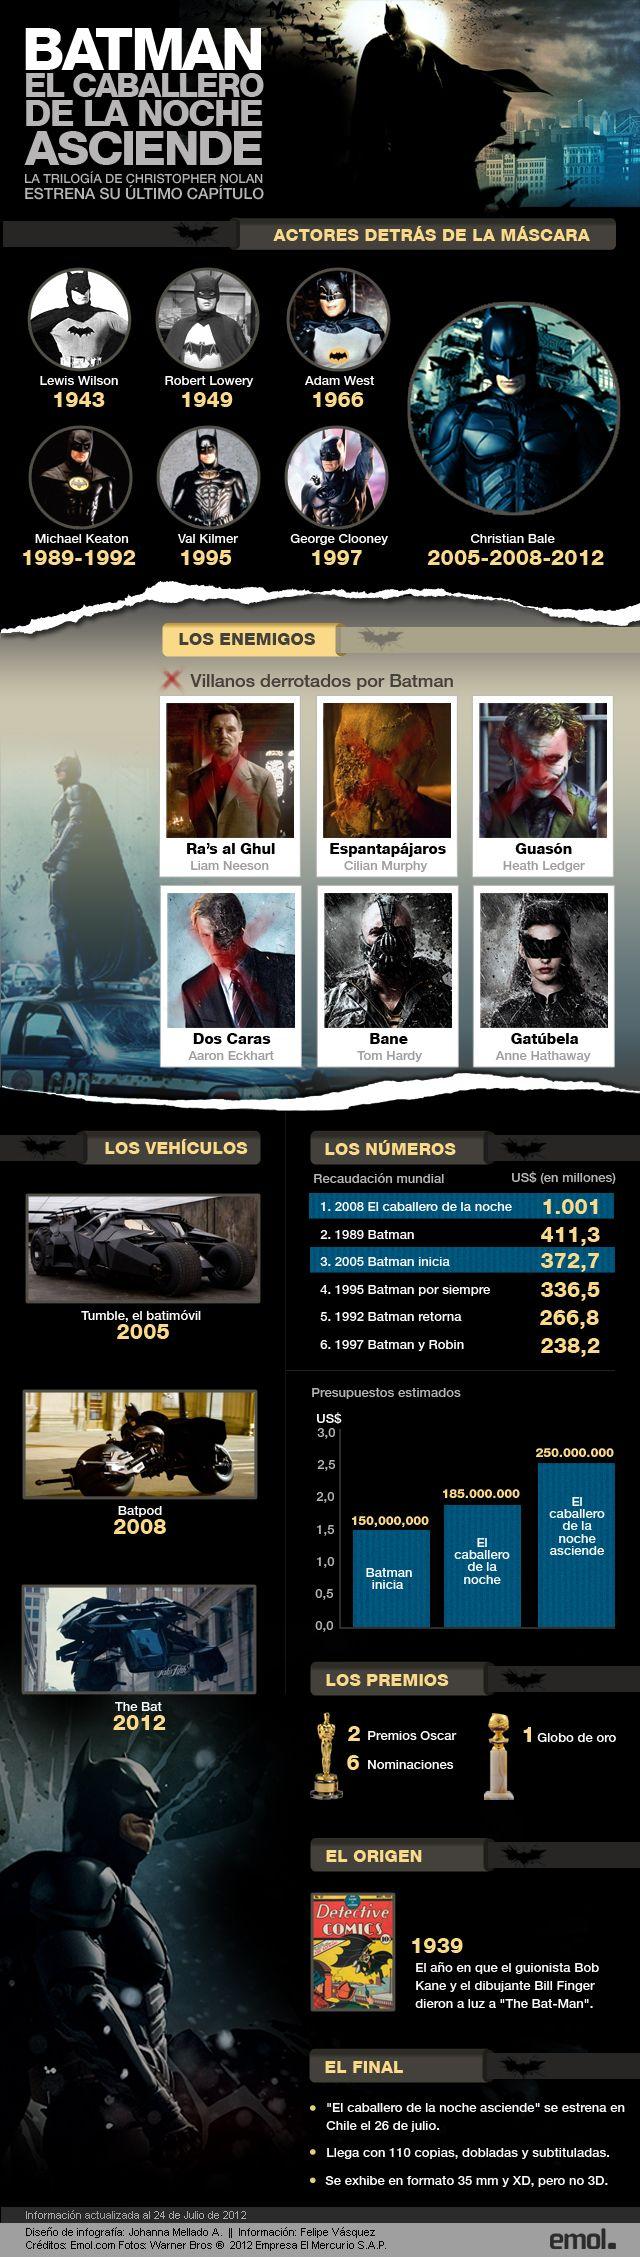 Se estrena la última parte de la serie realizada por Christopher Nolan sobre el popular personaje de DC Comics